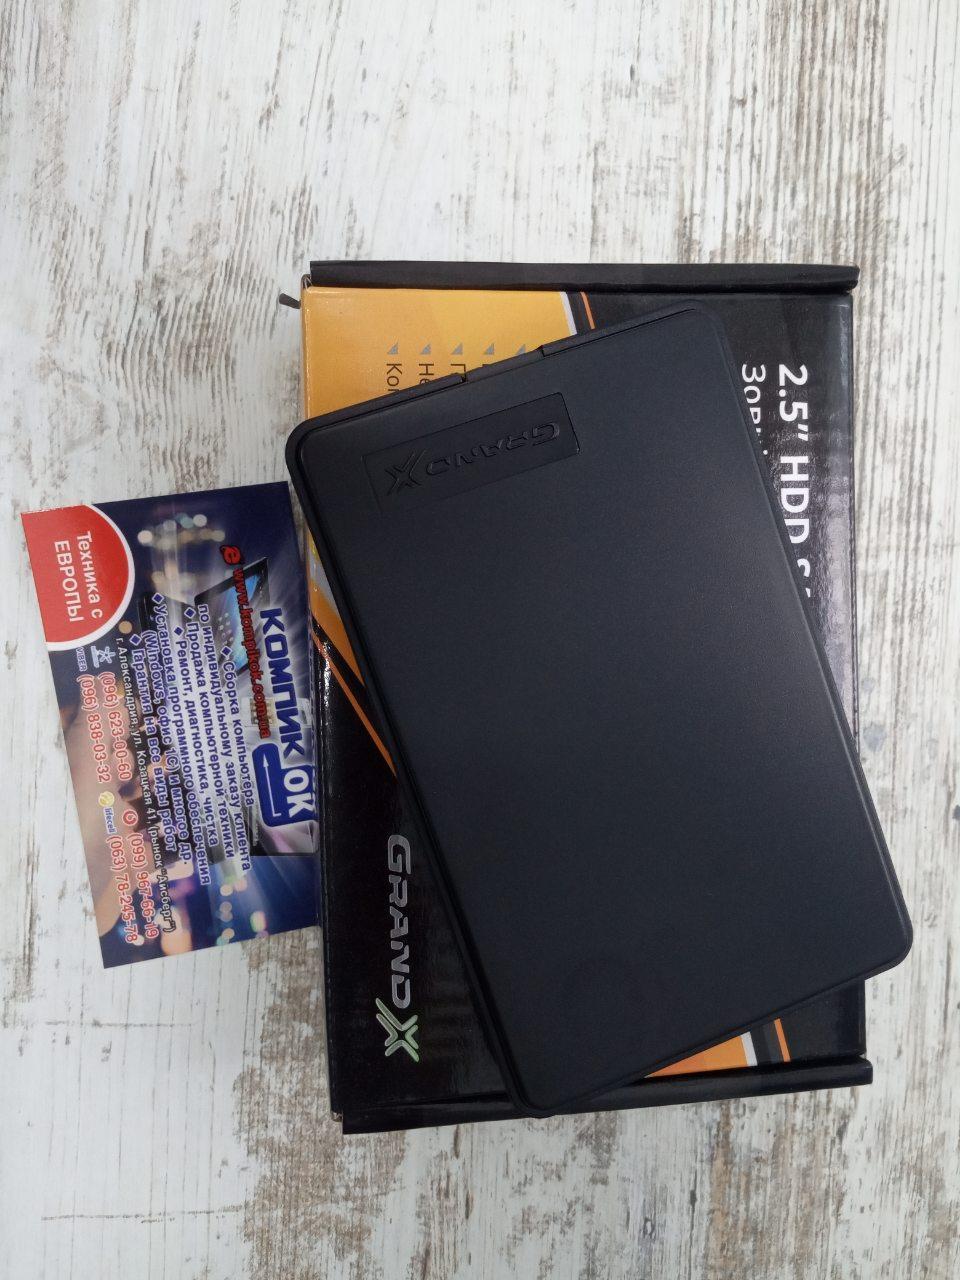 Карман для HDD, SSD, жёсткого диска, 2.5 дюйма, USB 3.0